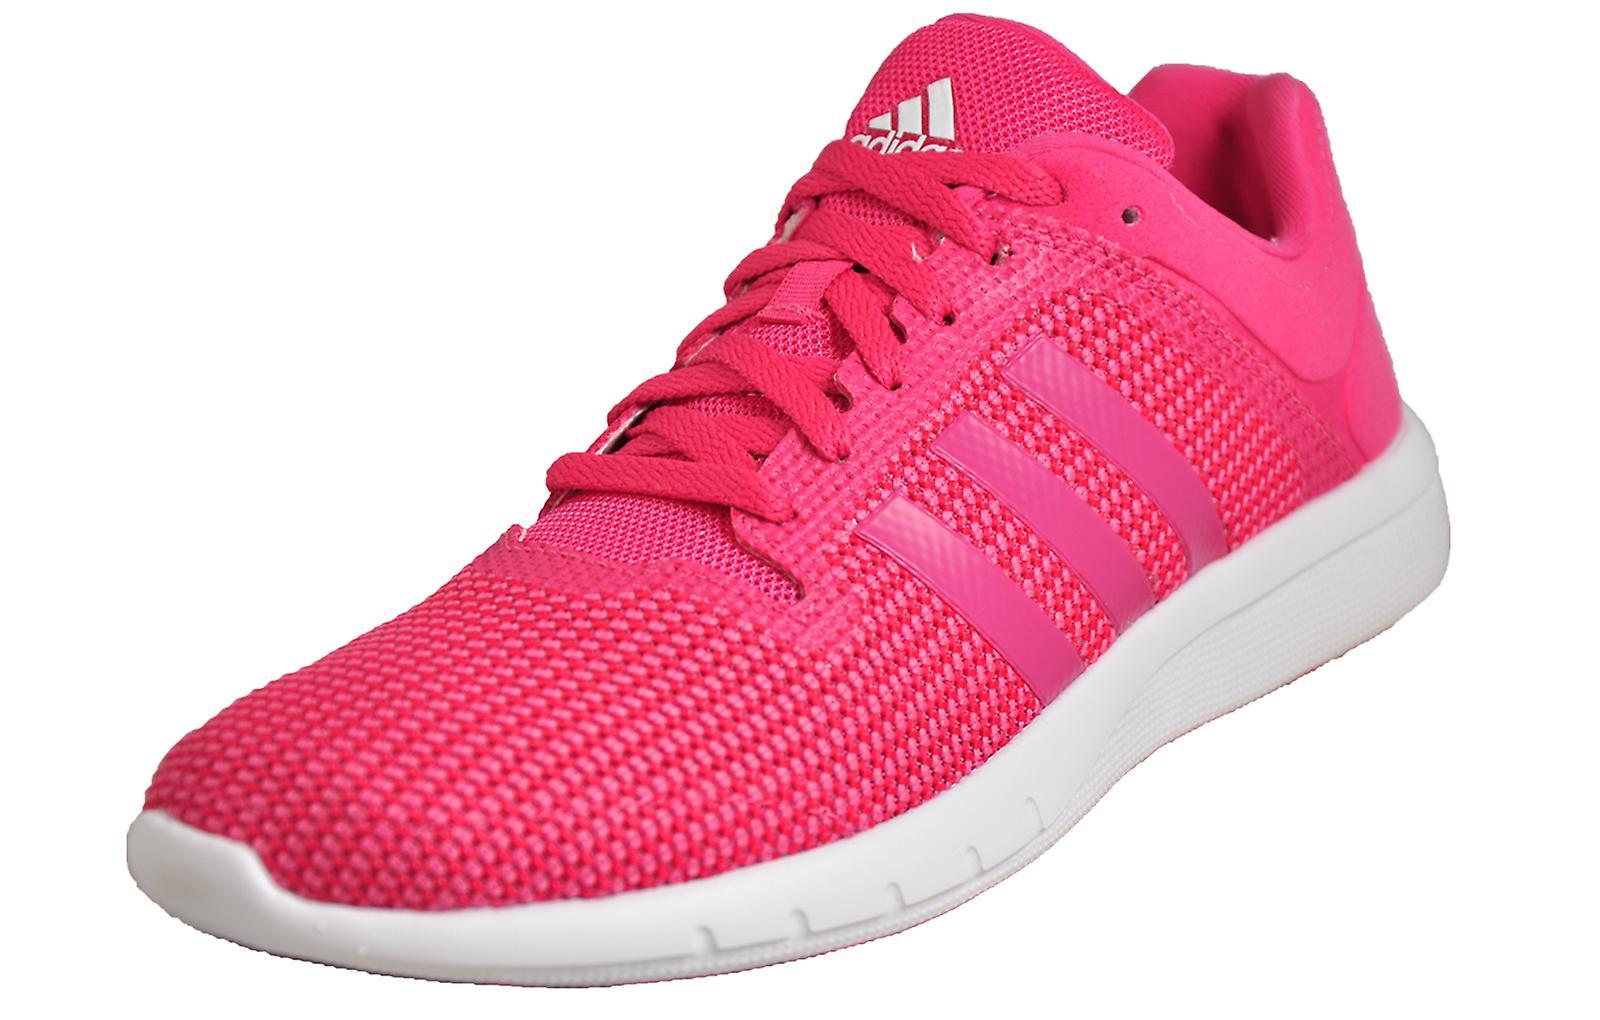 Adidas Climacool CC Fresh 2 Pink